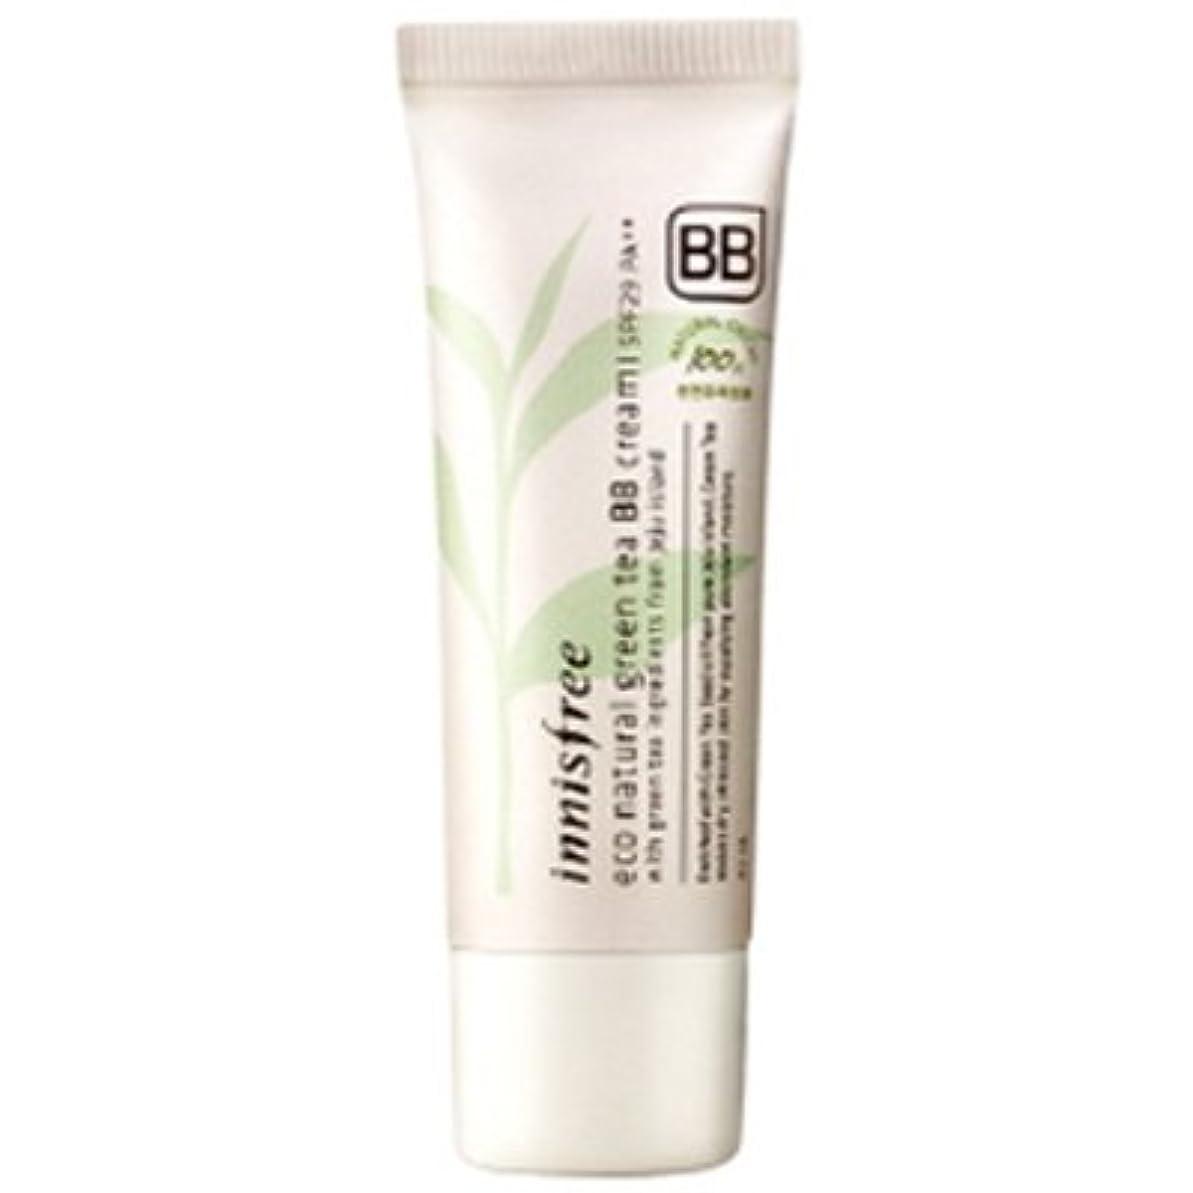 ユーモアアイドルボイラーinnisfree(イニスフリー) Eco natural green tea BB cream エコ ナチュラル グリーン ティー BB クリーム SPF29/PA++ 40ml #1:ライトベージュ